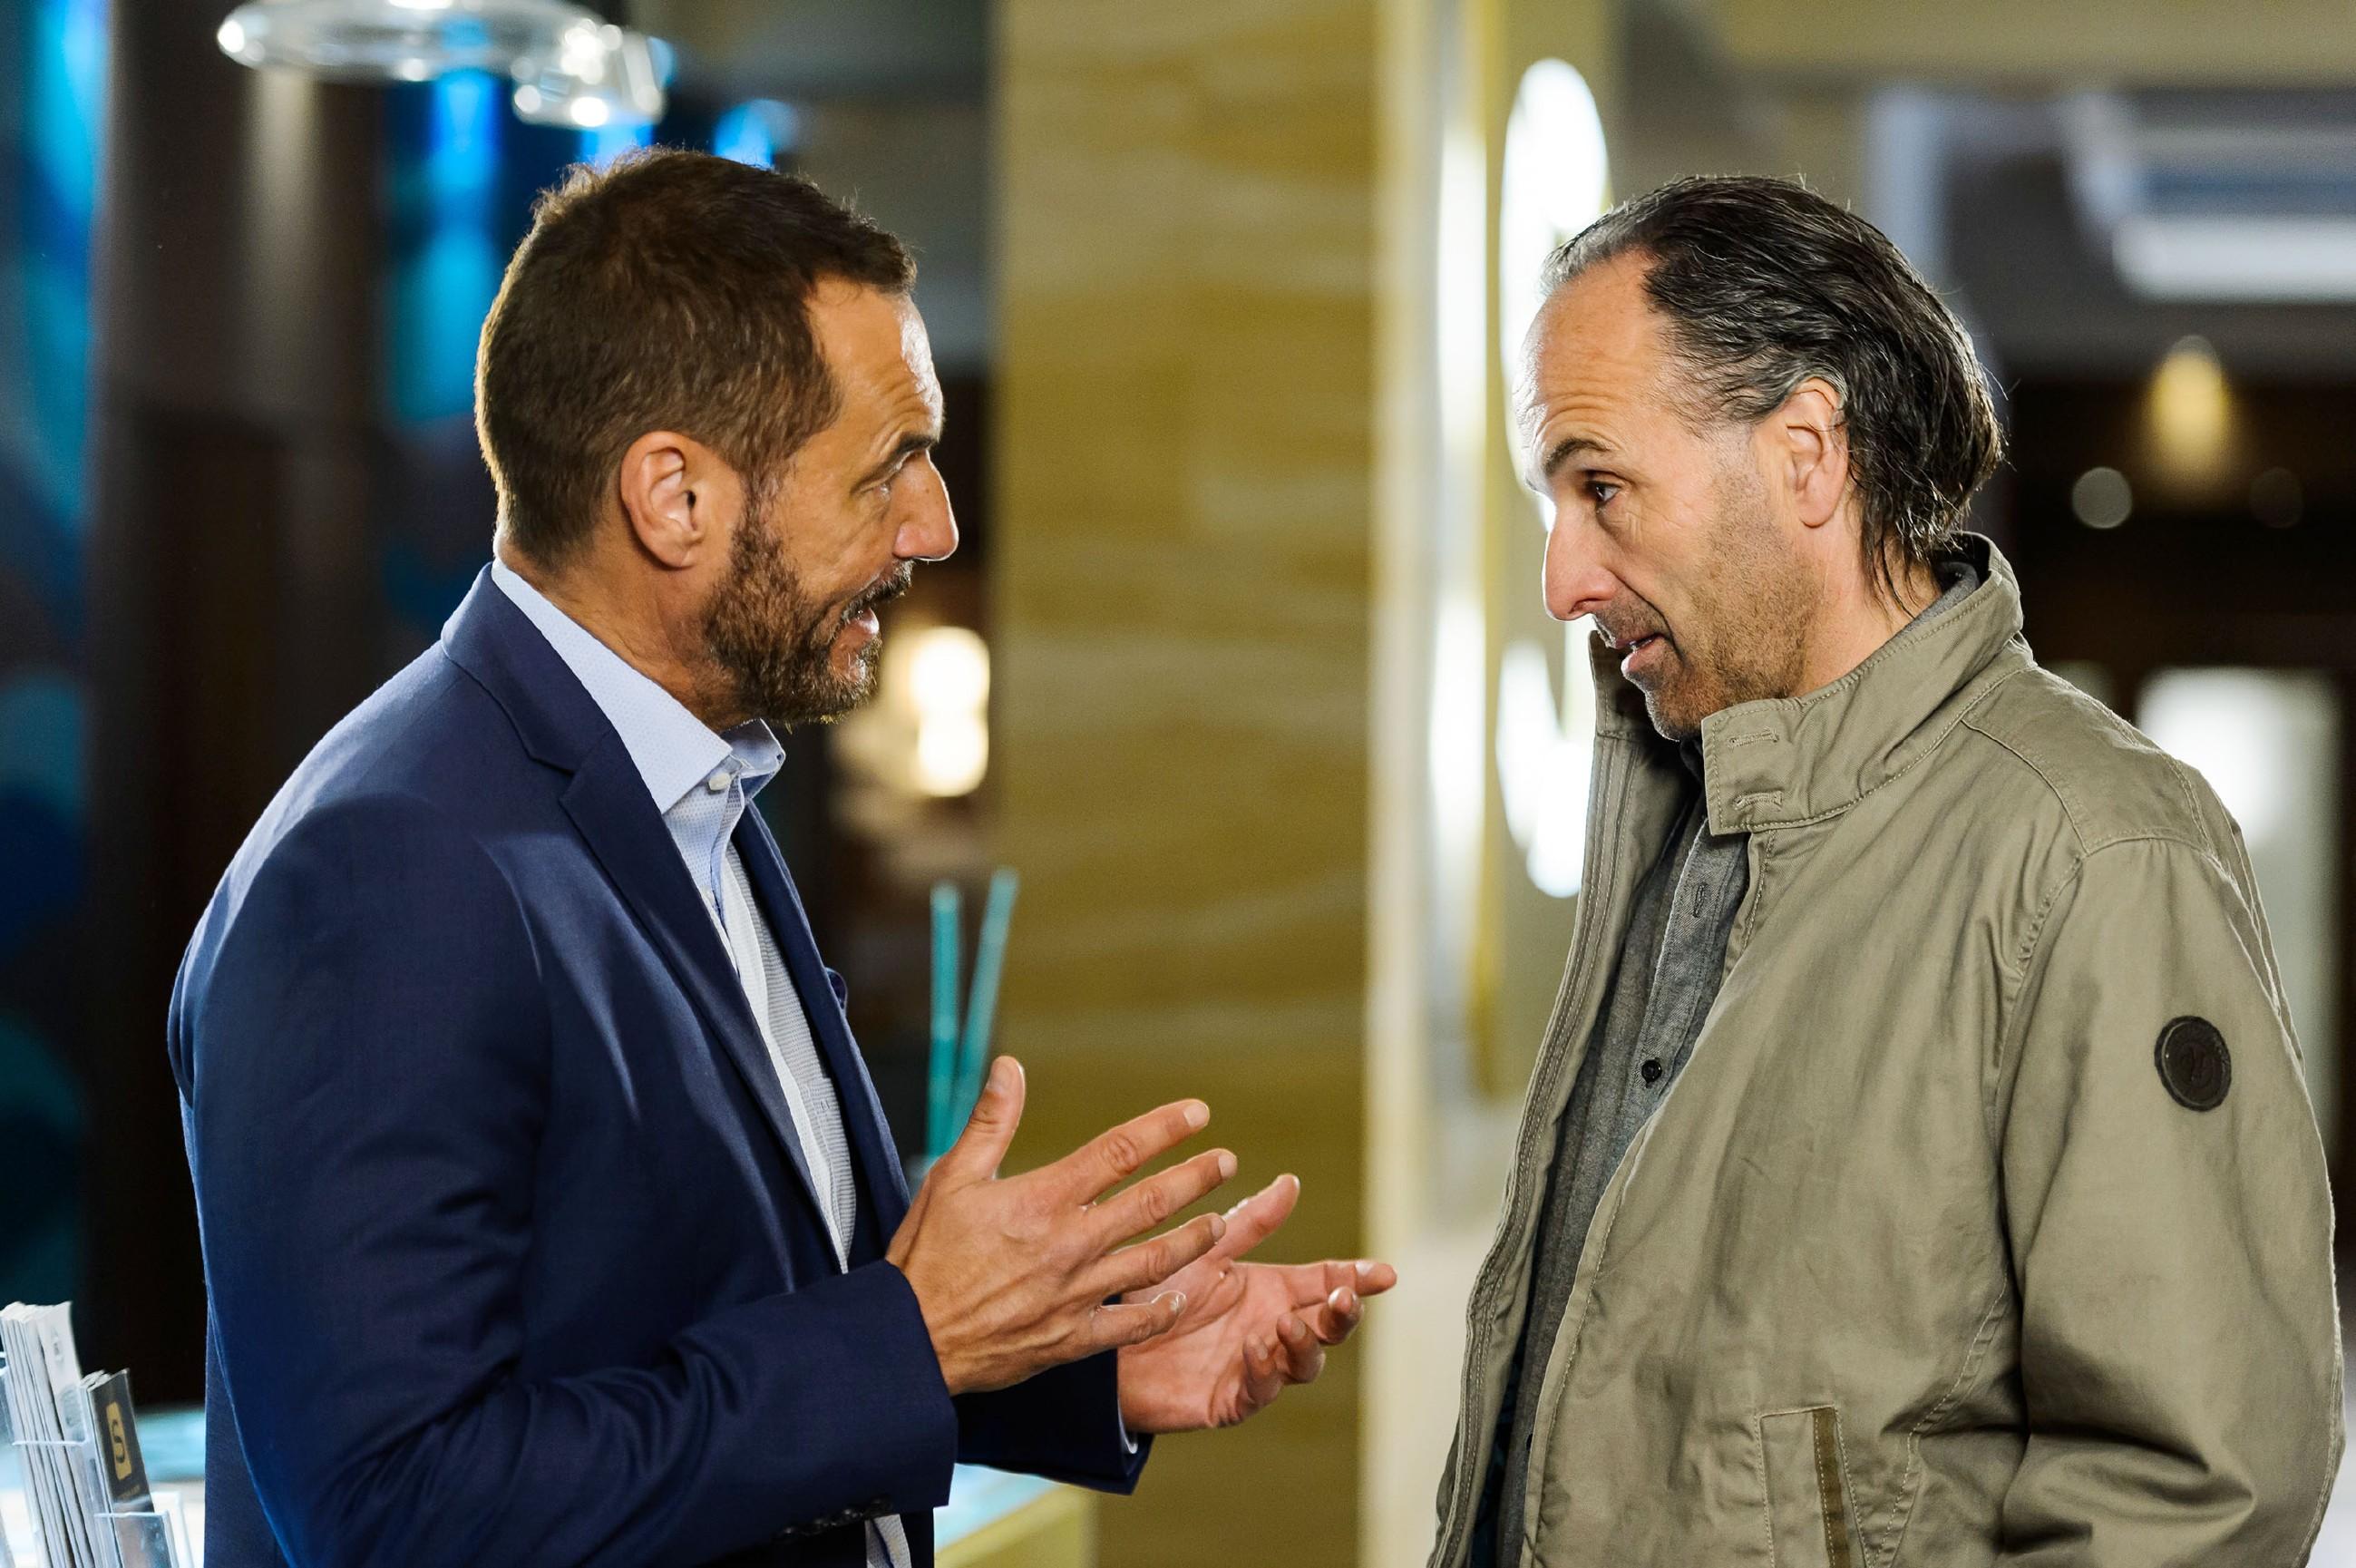 Richard (Silvan-Pierre Leirich, l.) gibt alles, um Johann Pachlhuber (Holger Christian Gotha) wieder zu besänftigen... (Quelle: RTL / Willi Weber)